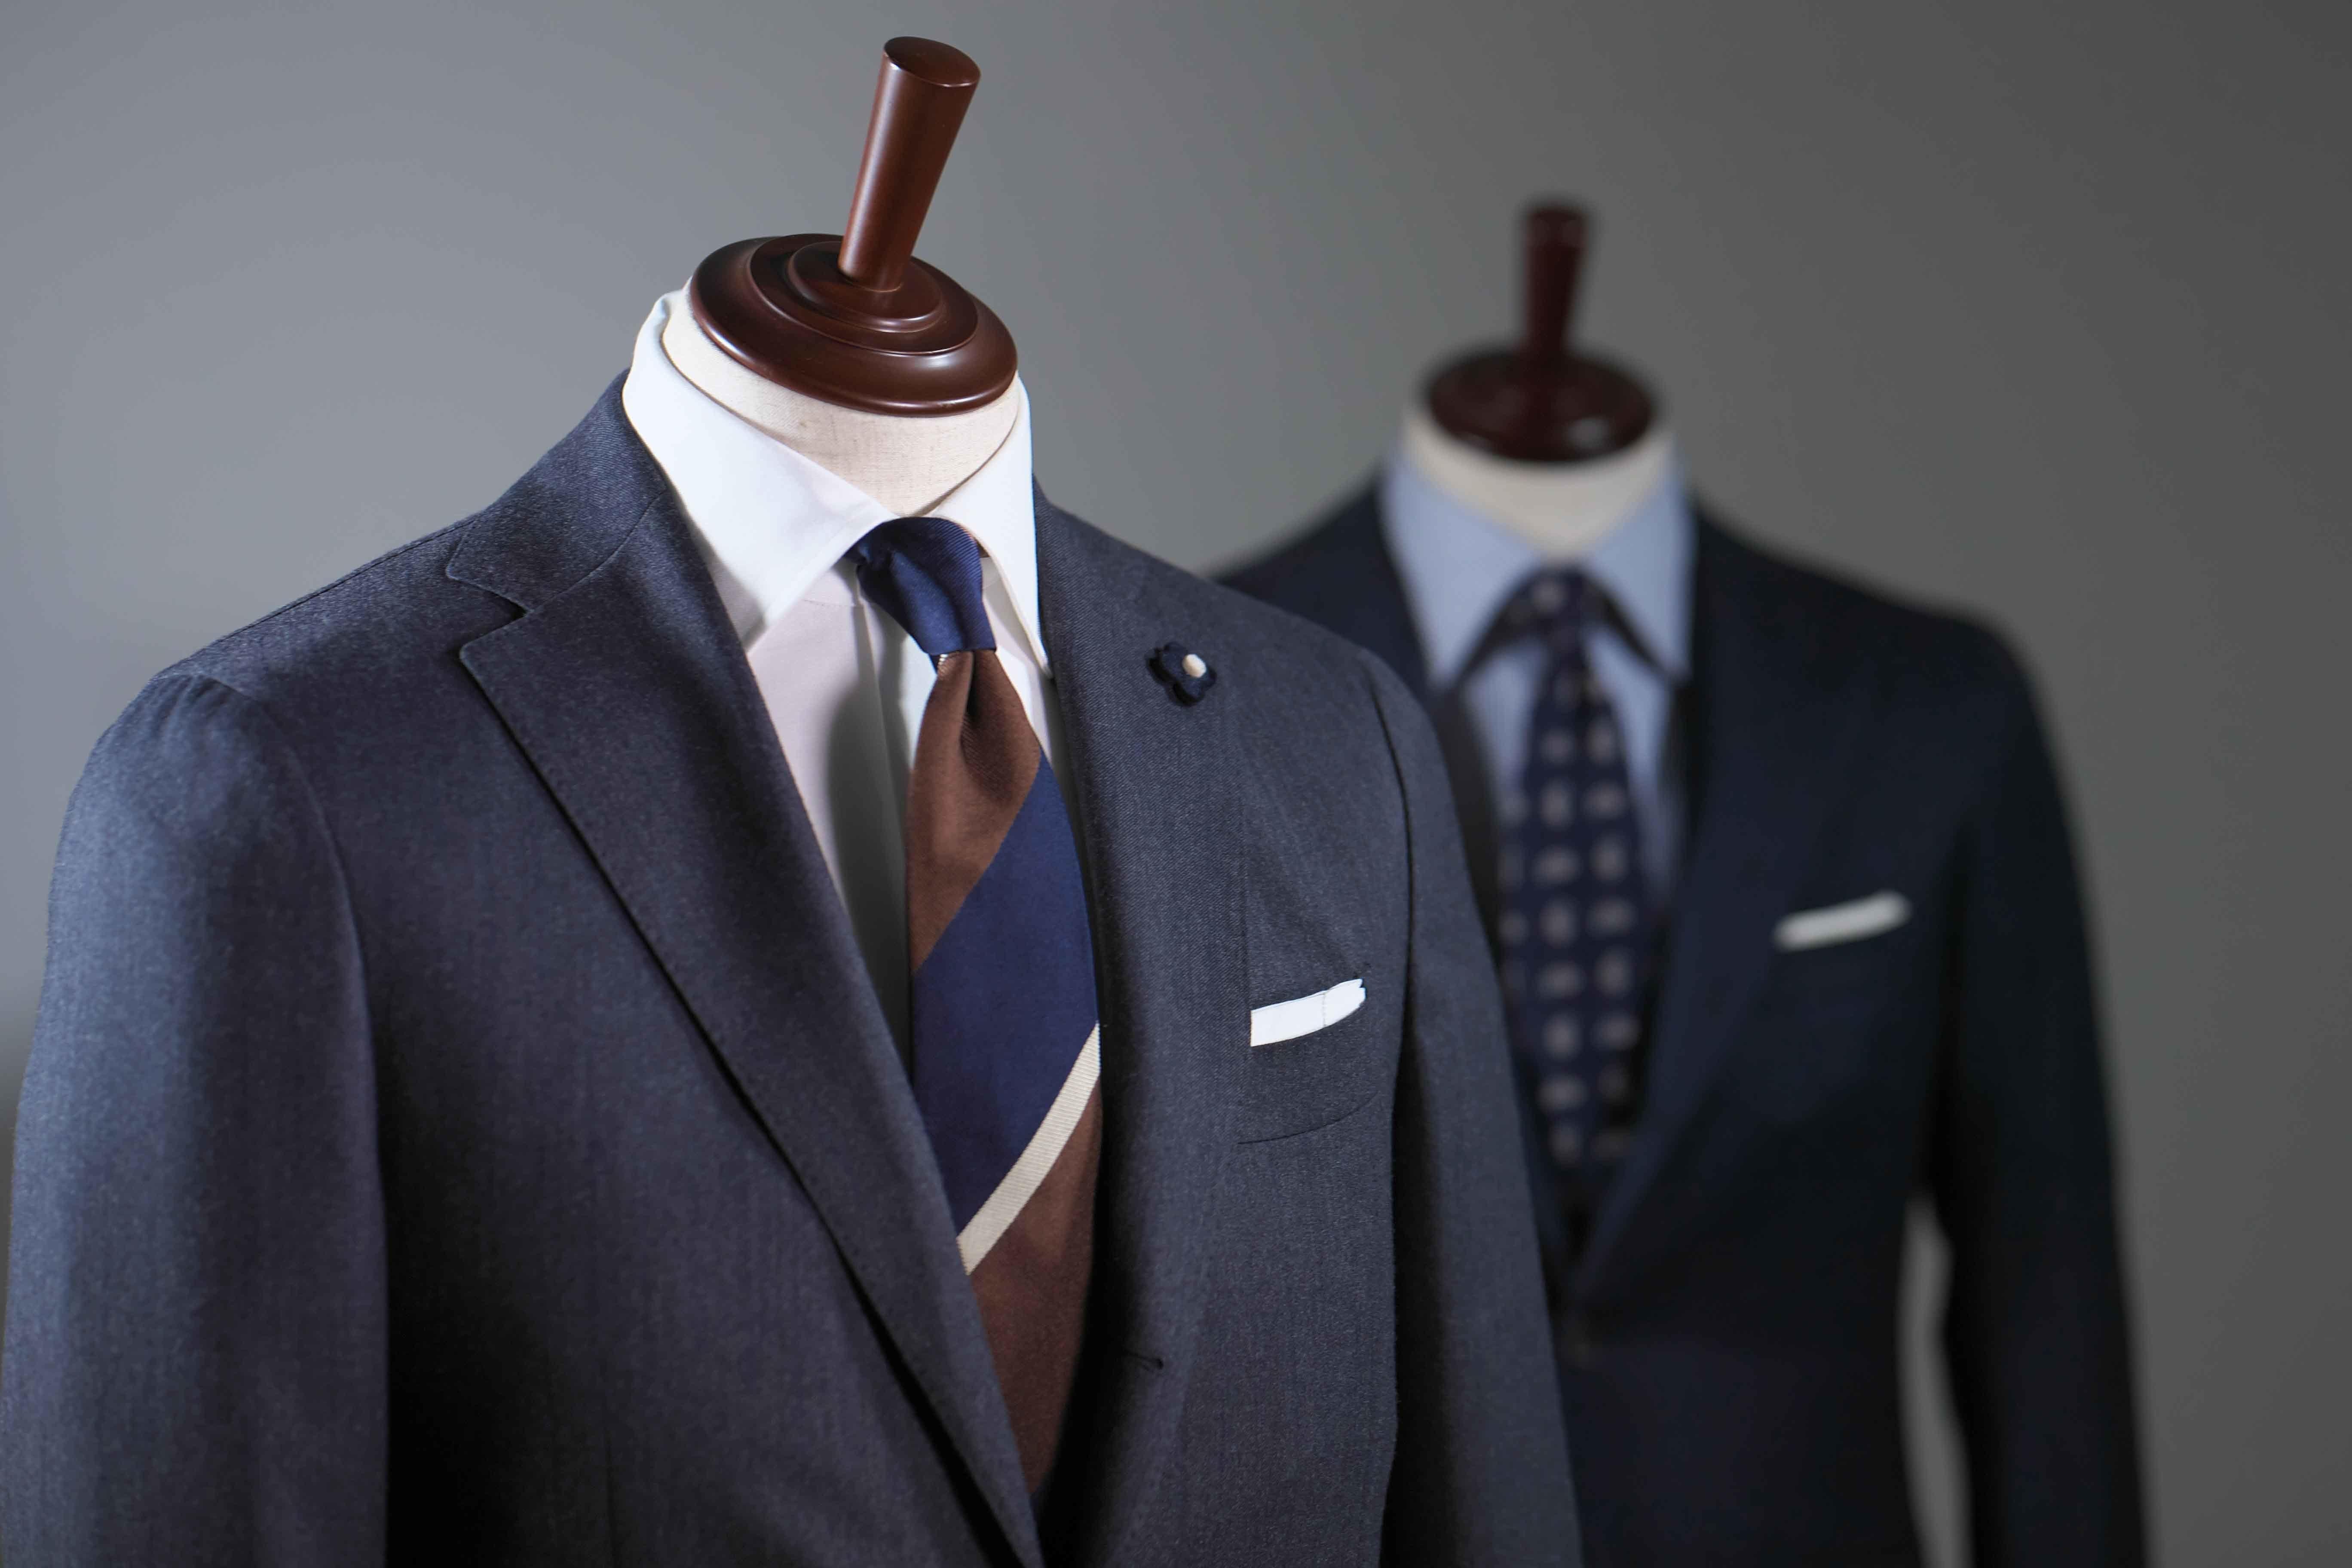 クラシコイタリア調のスーツスタイル